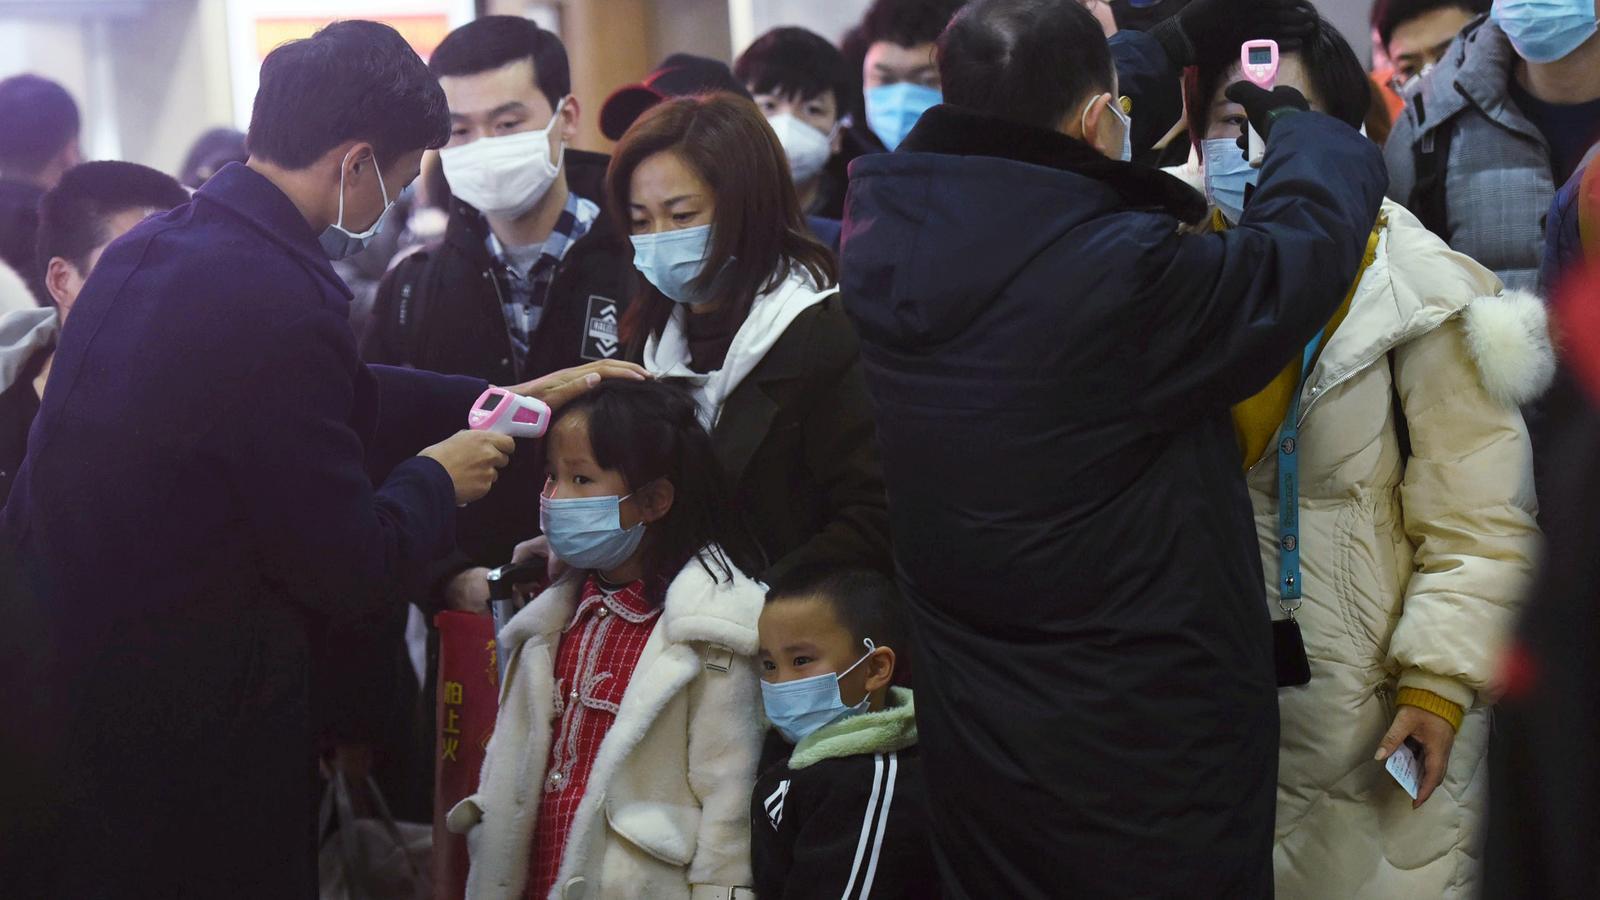 L'OMS descarta declarar l'emergència internacional per l'epidèmia de coronavirus